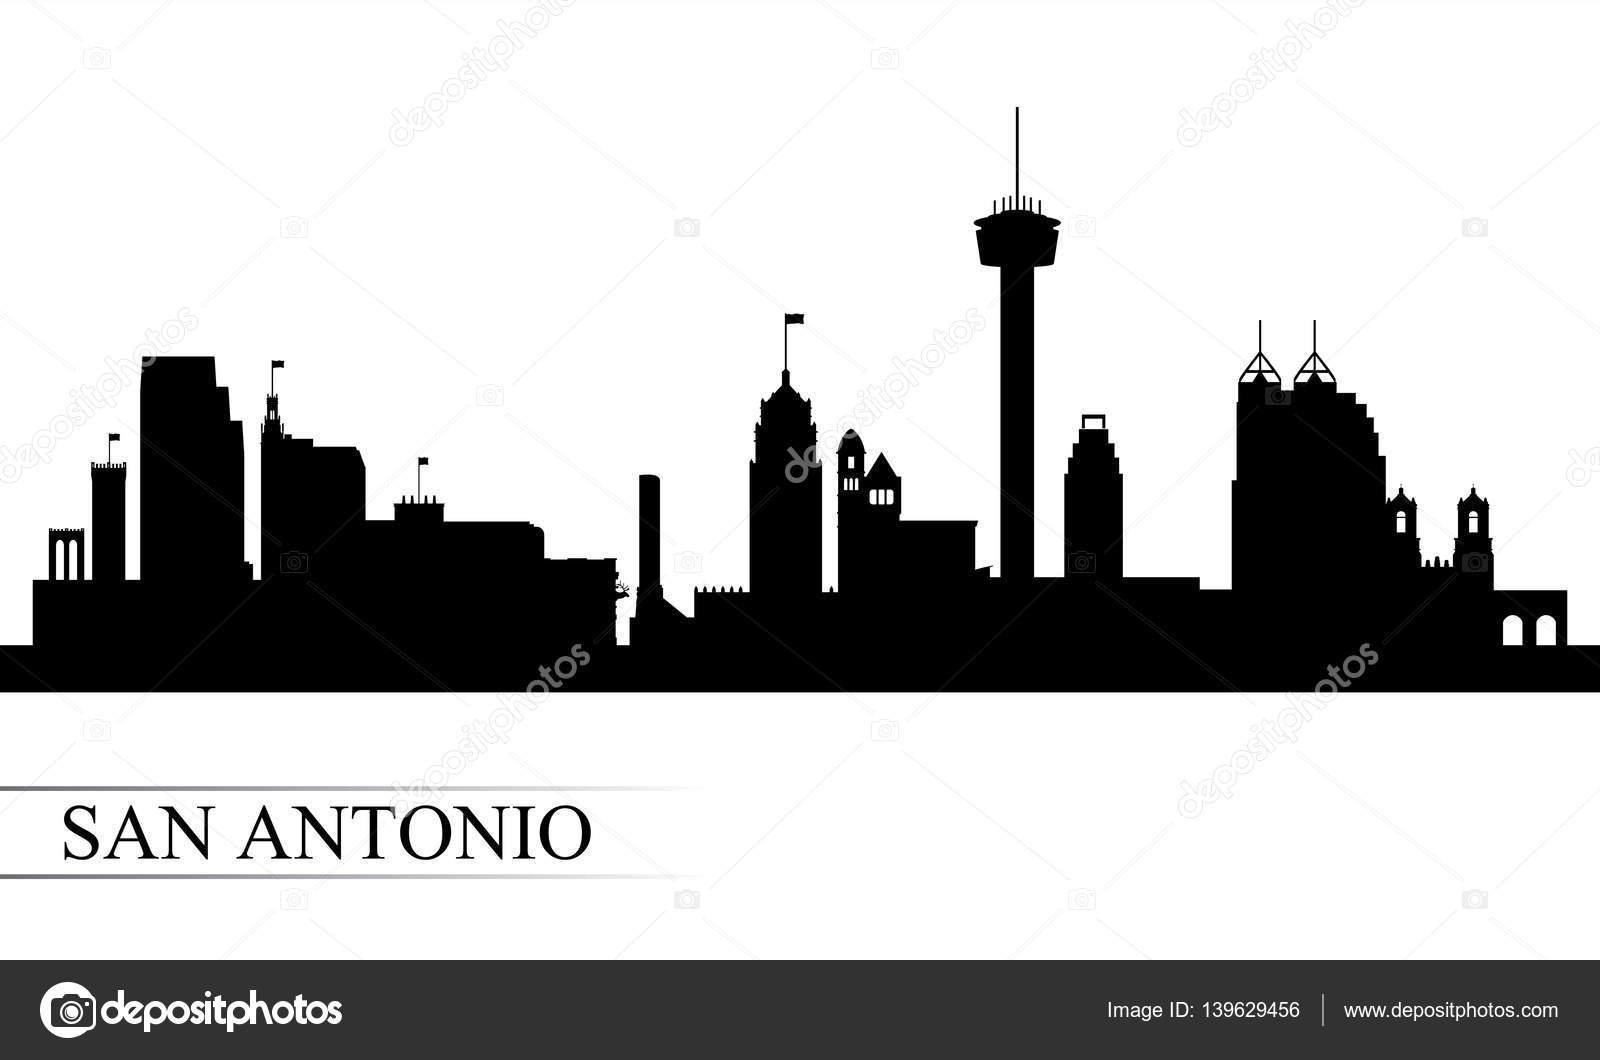 CITY OF SAN ANTONIO - Dade City, Florida